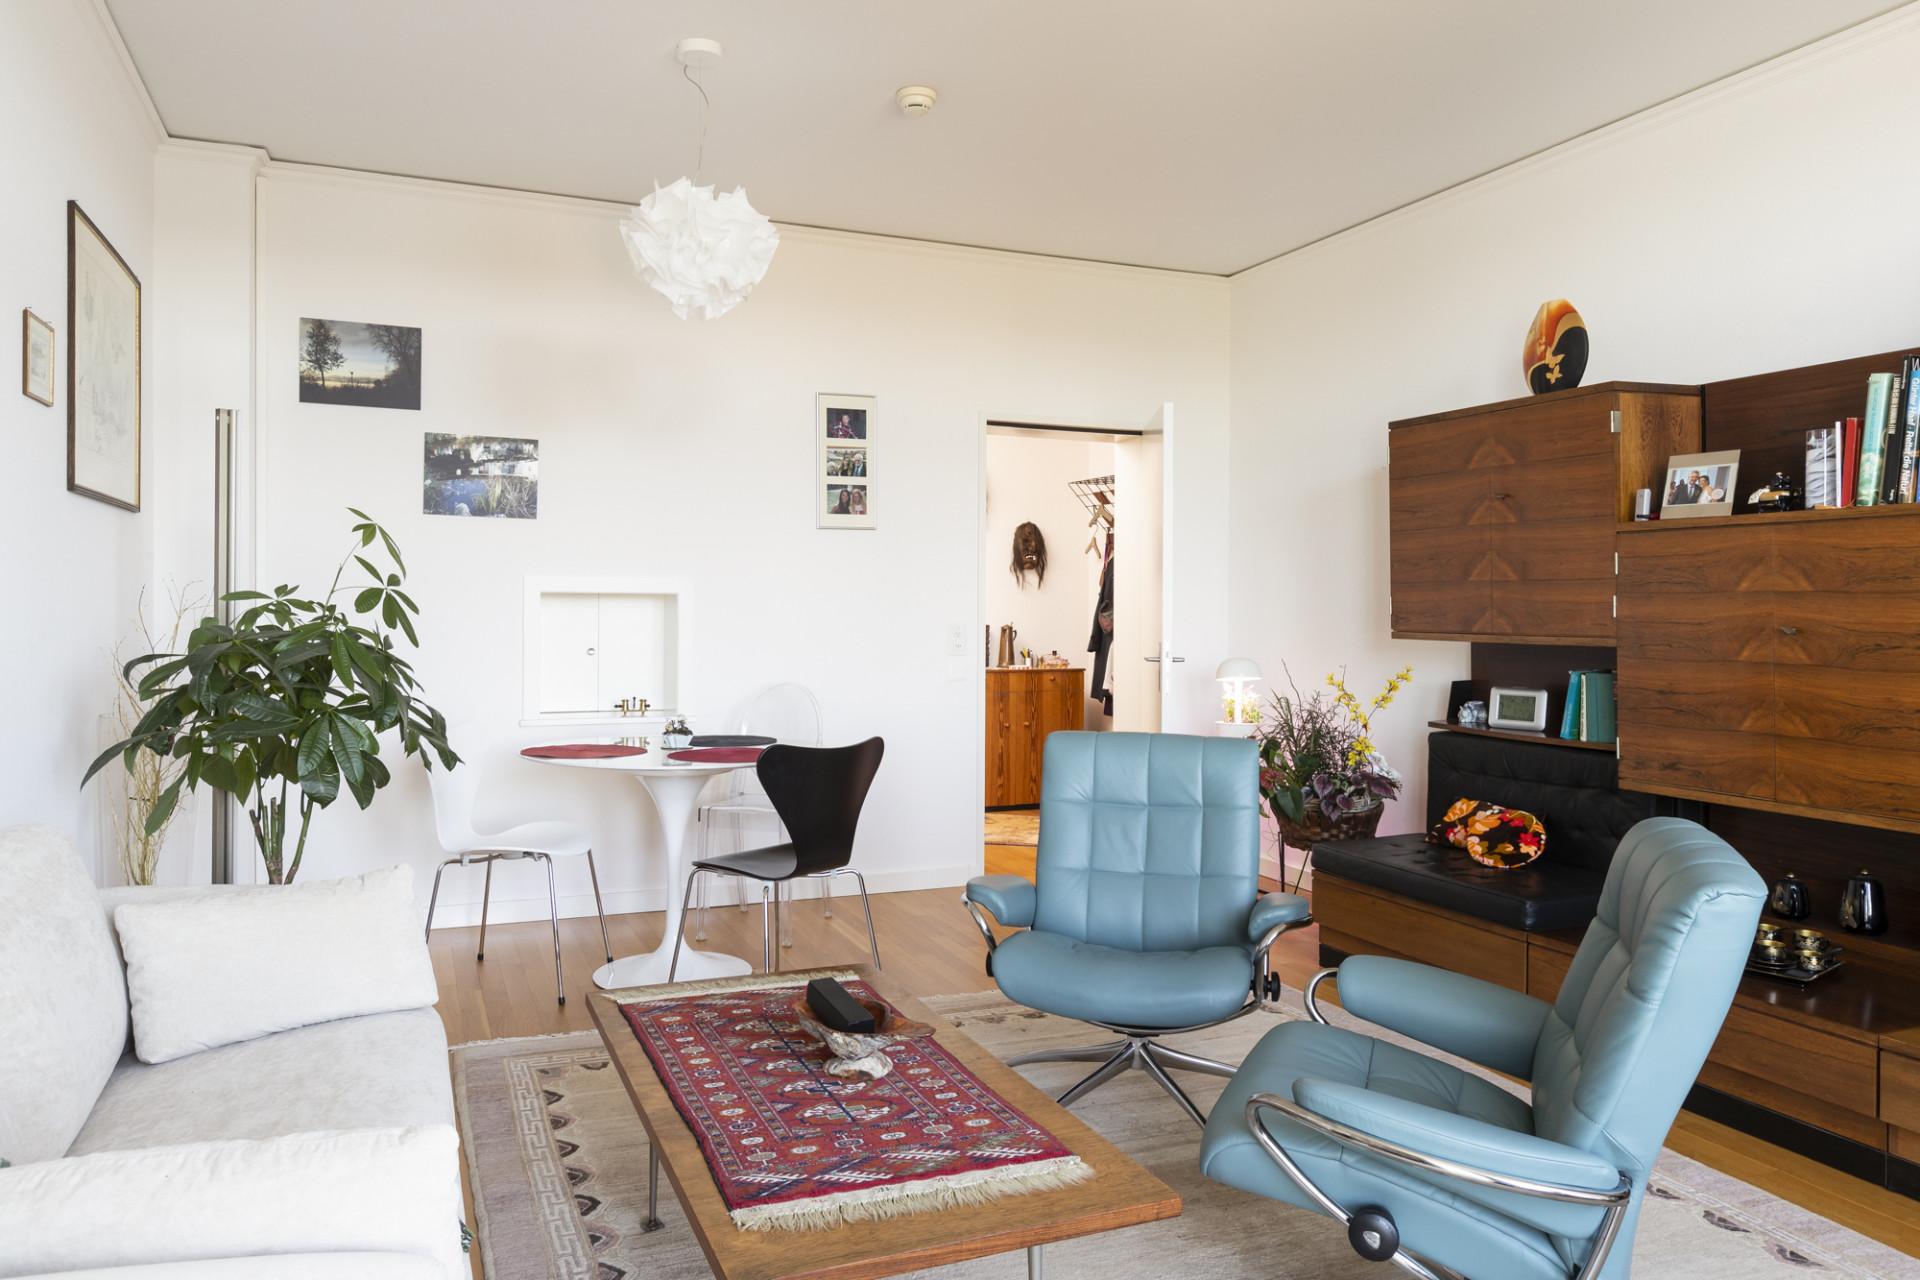 Wohnzimmer einer bewohnten Residenz im Altbau